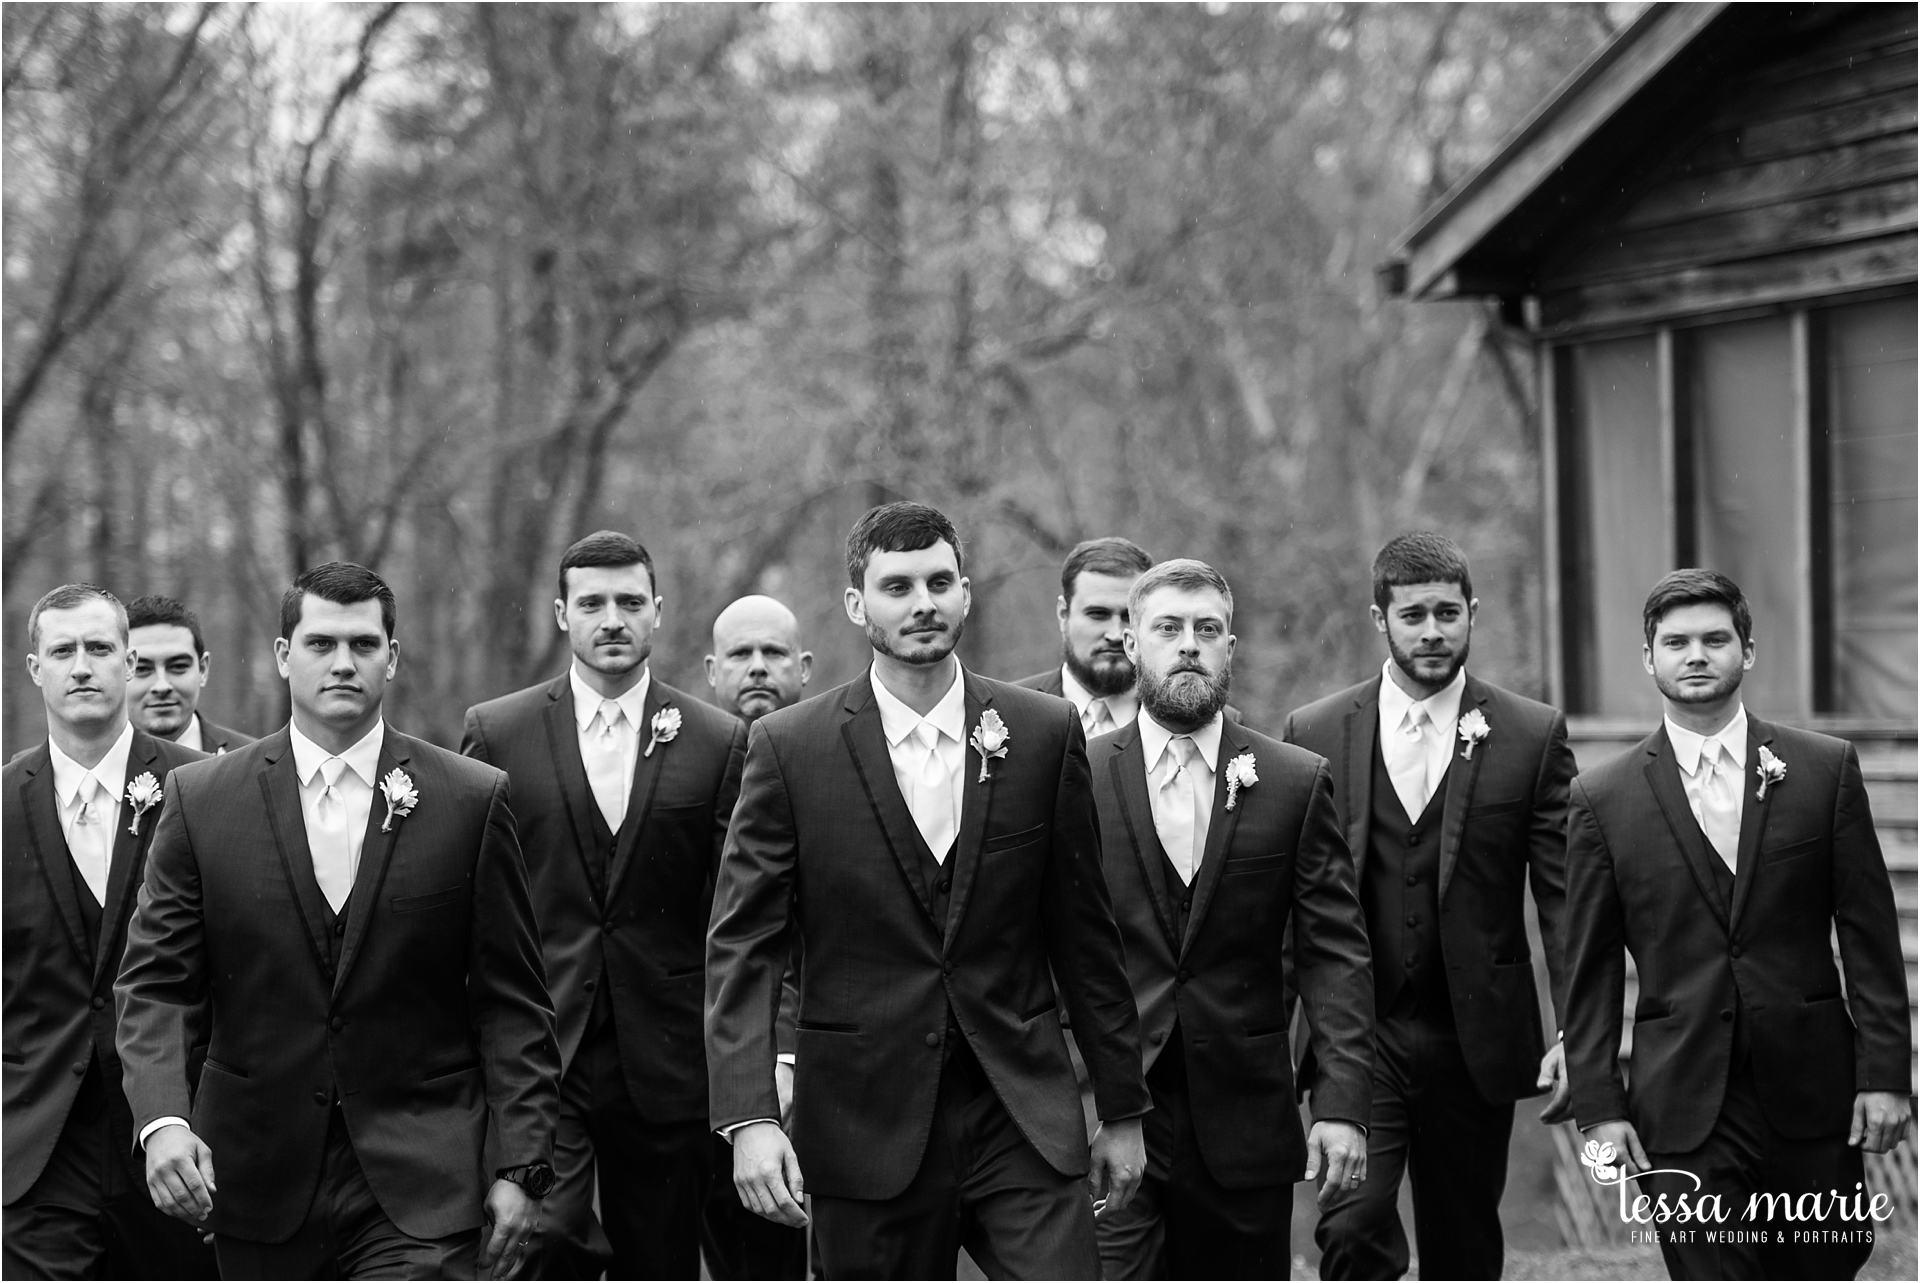 032216_brittany_kevin_wedding-78